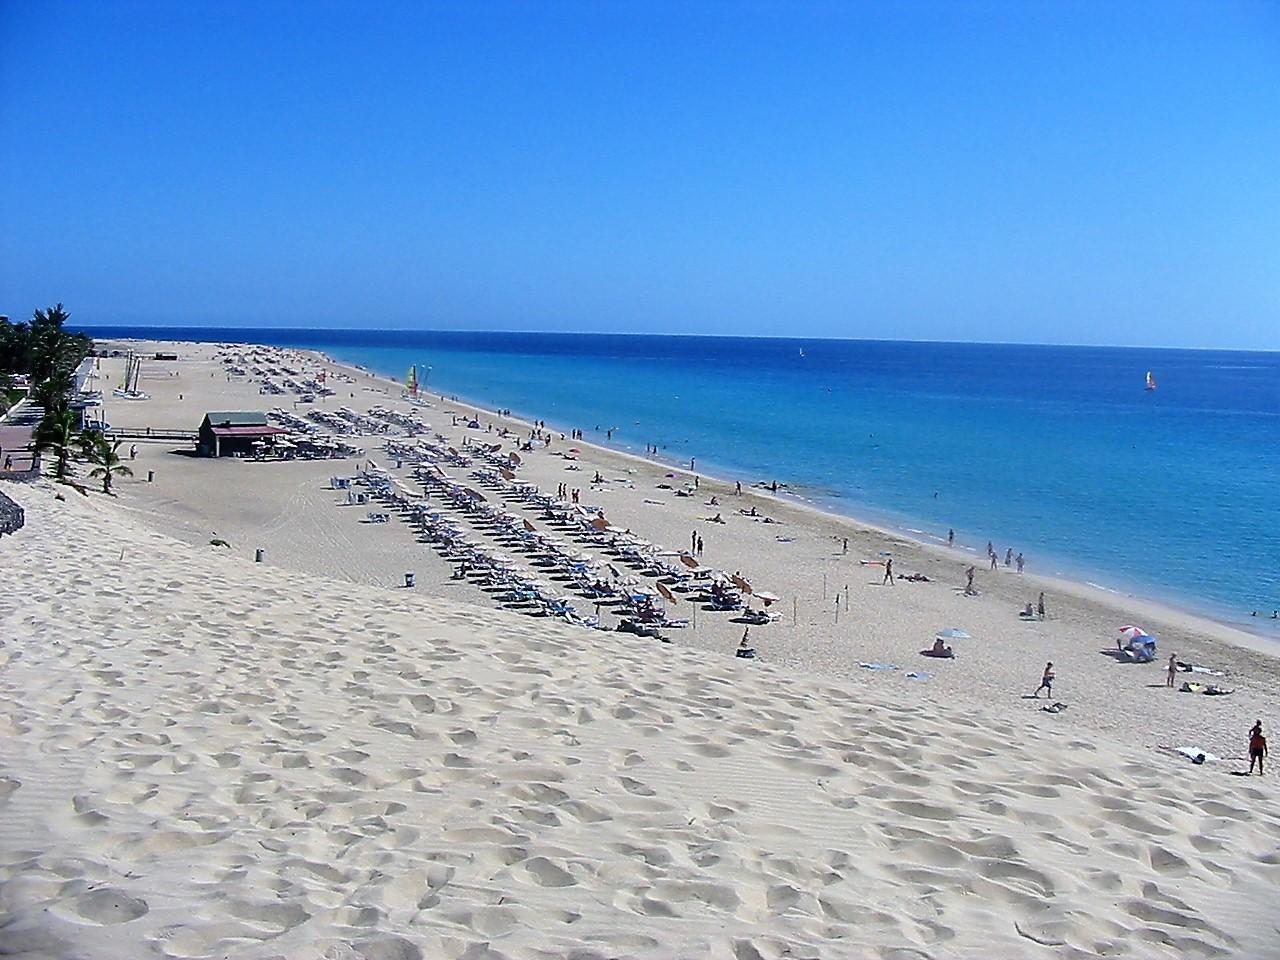 Ferienwohnung Penthouse / Apt. in der besten Gegend von Costa Calma, mit Blick auf eine große Terrasse a (487472), Costa Calma, Fuerteventura, Kanarische Inseln, Spanien, Bild 26